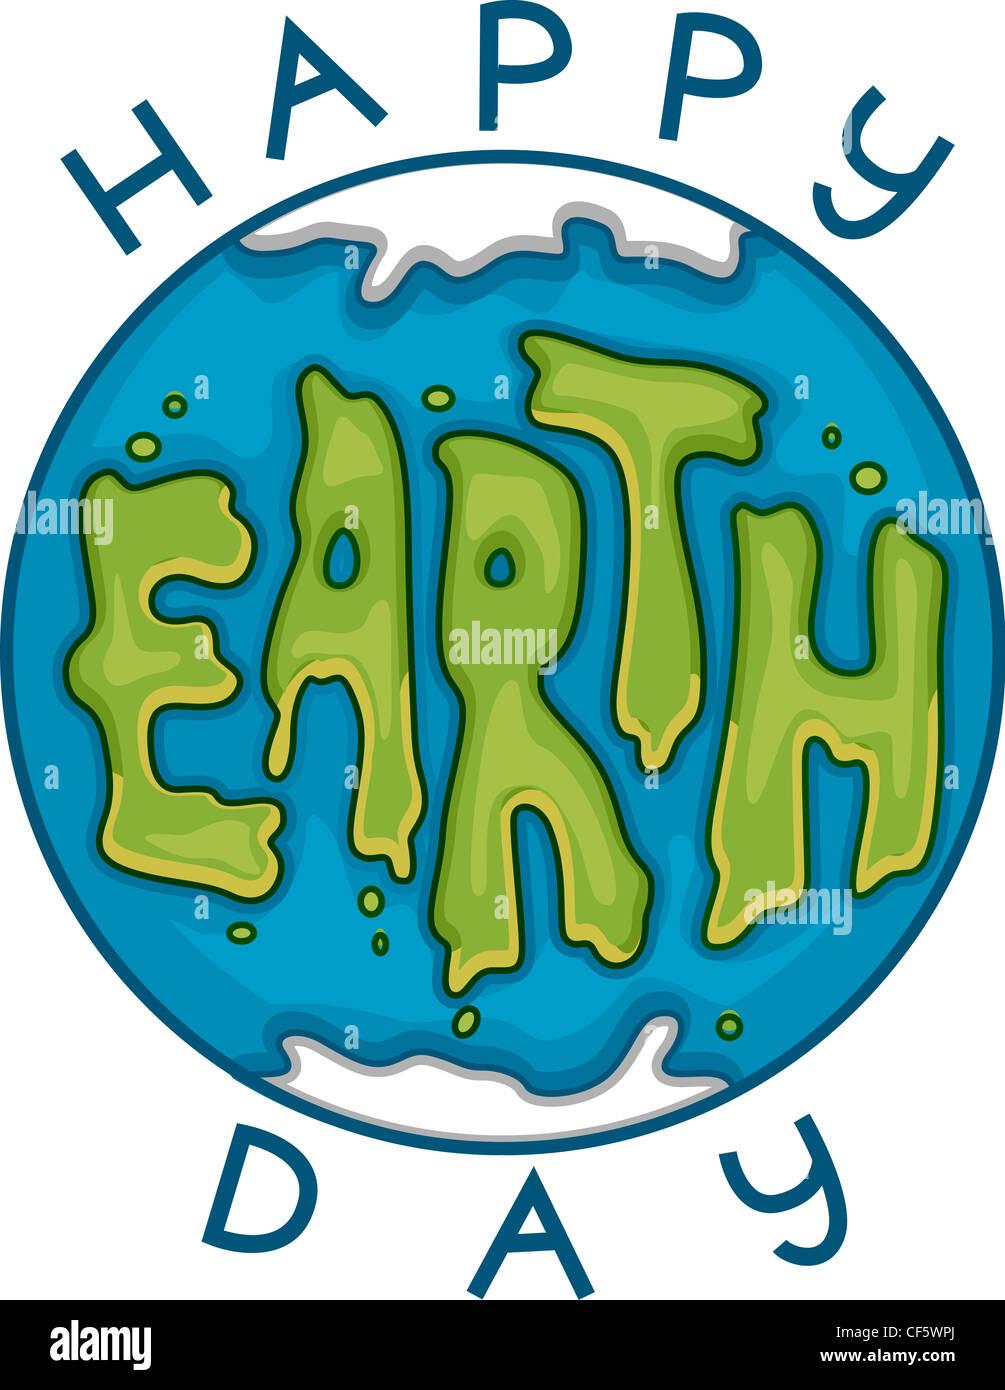 Ilustración celebrando el Día de la tierra Imagen De Stock